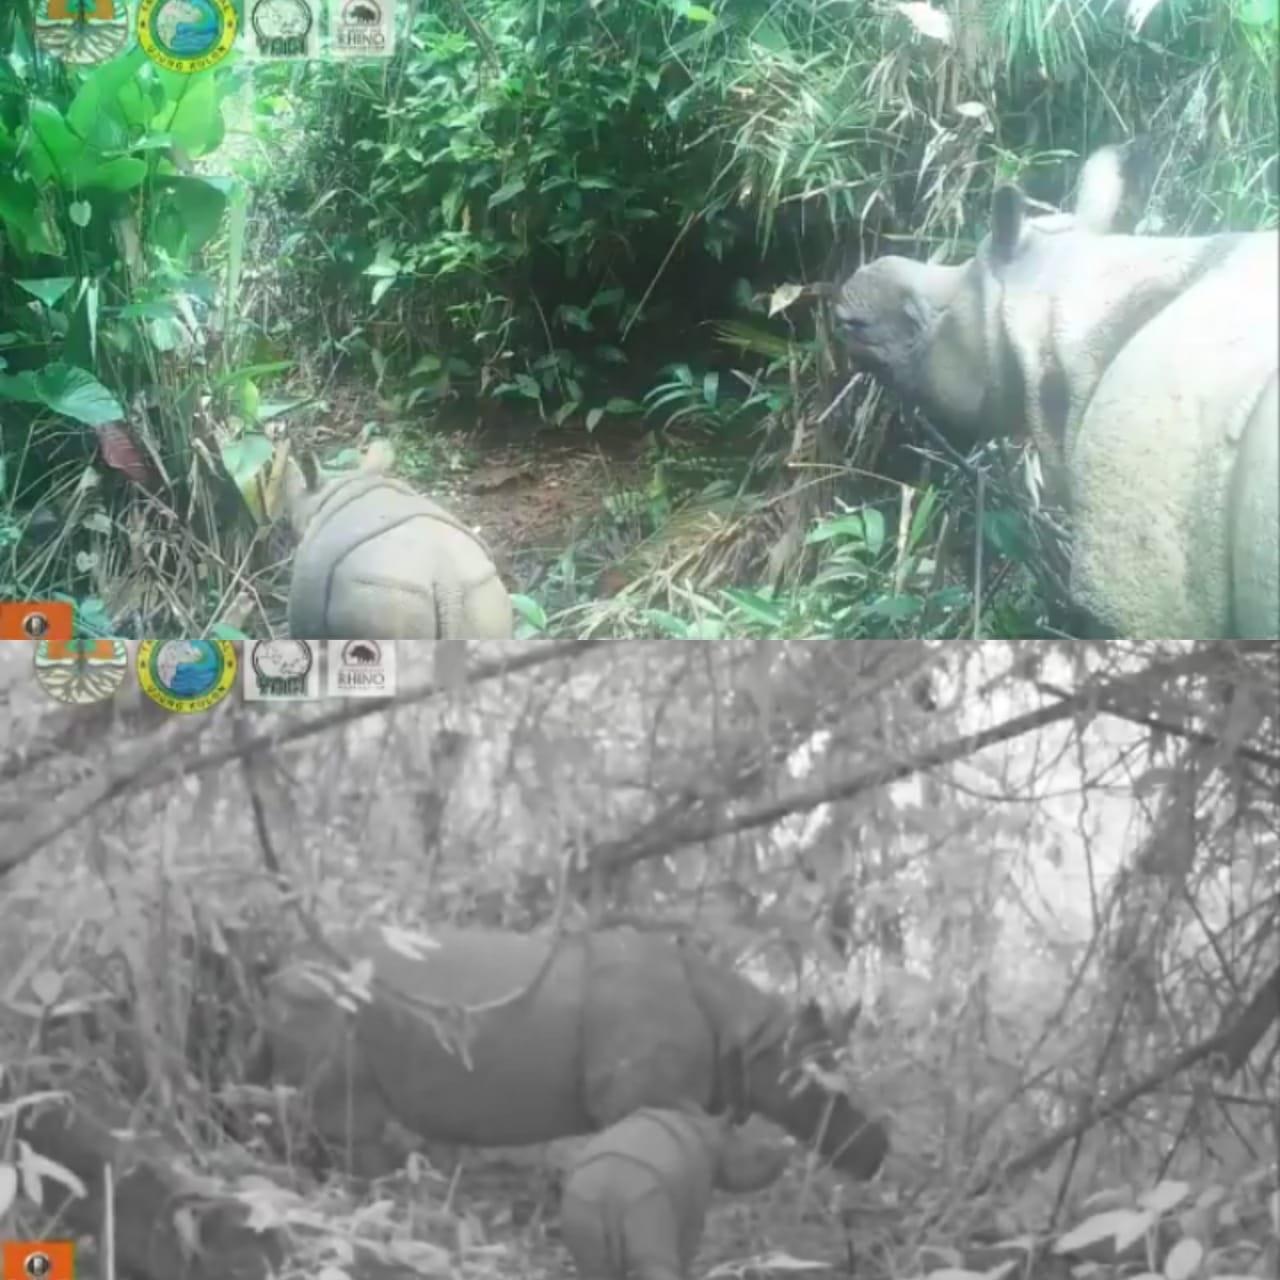 Вселяет надежду: в Индонезии заметили детенышей редкого яванского носорога